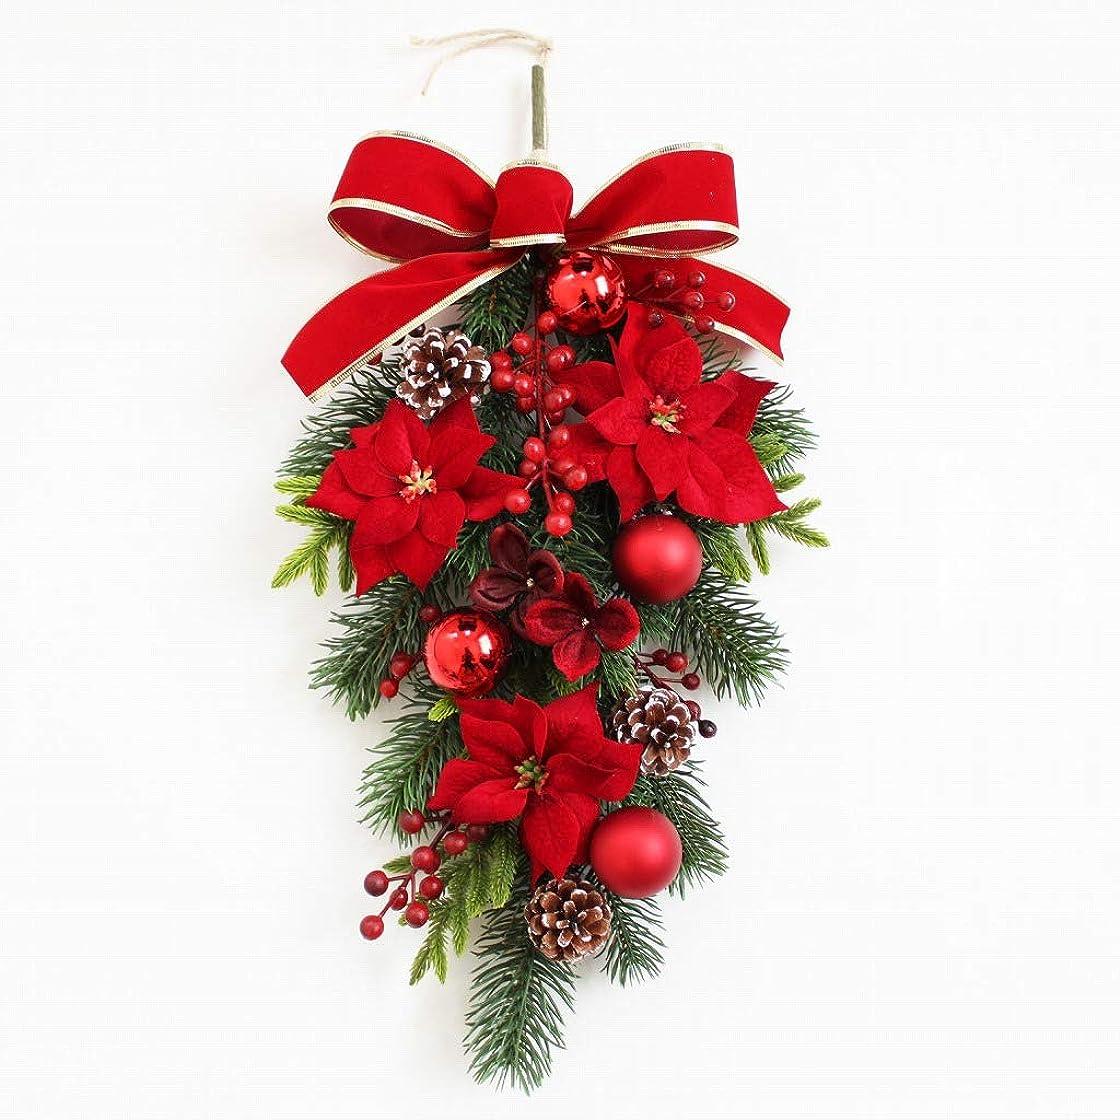 寝室カーフ女の子グランドグルー クリスマスリース クリスマス飾り クリスマス玄関飾り スワッグ 造花 アーティフィシャルフラワー 玄関飾り 壁掛け